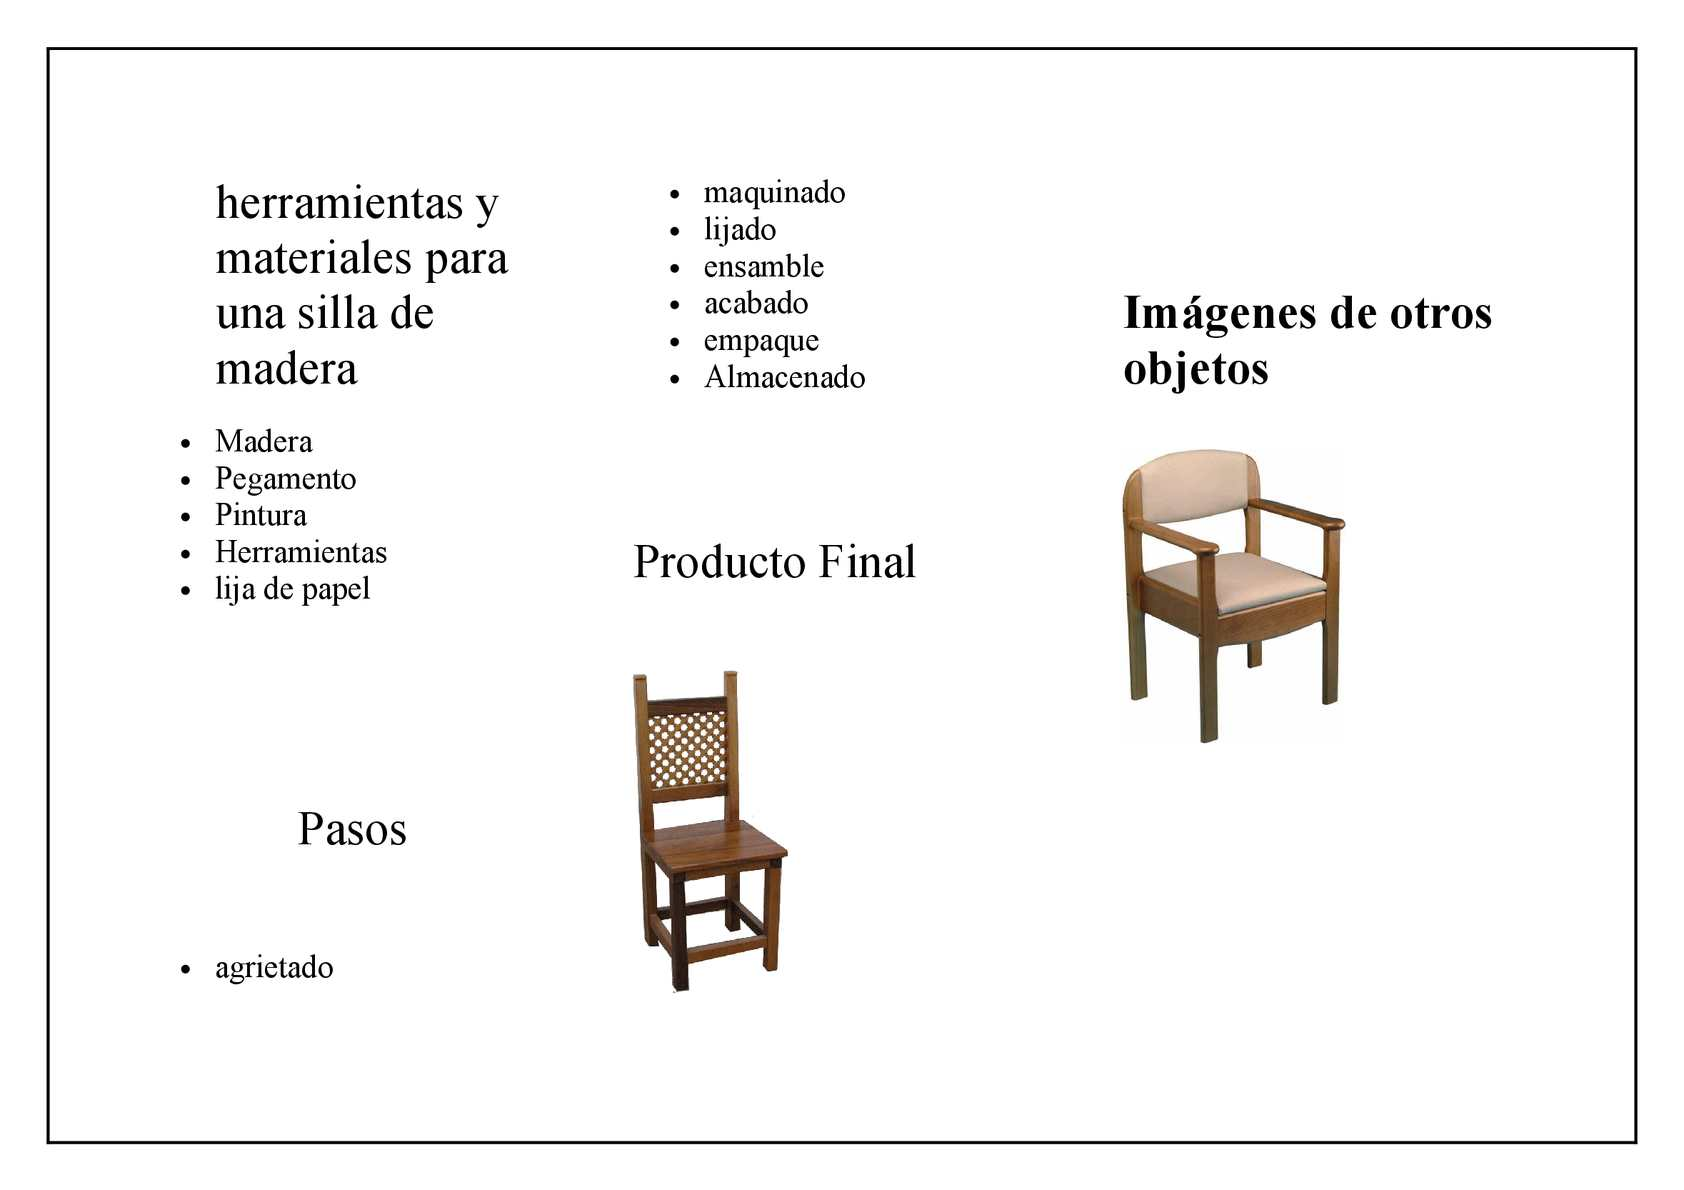 Calam o herramientas y materiales para una silla de madera - Como se elabora una silla de madera ...